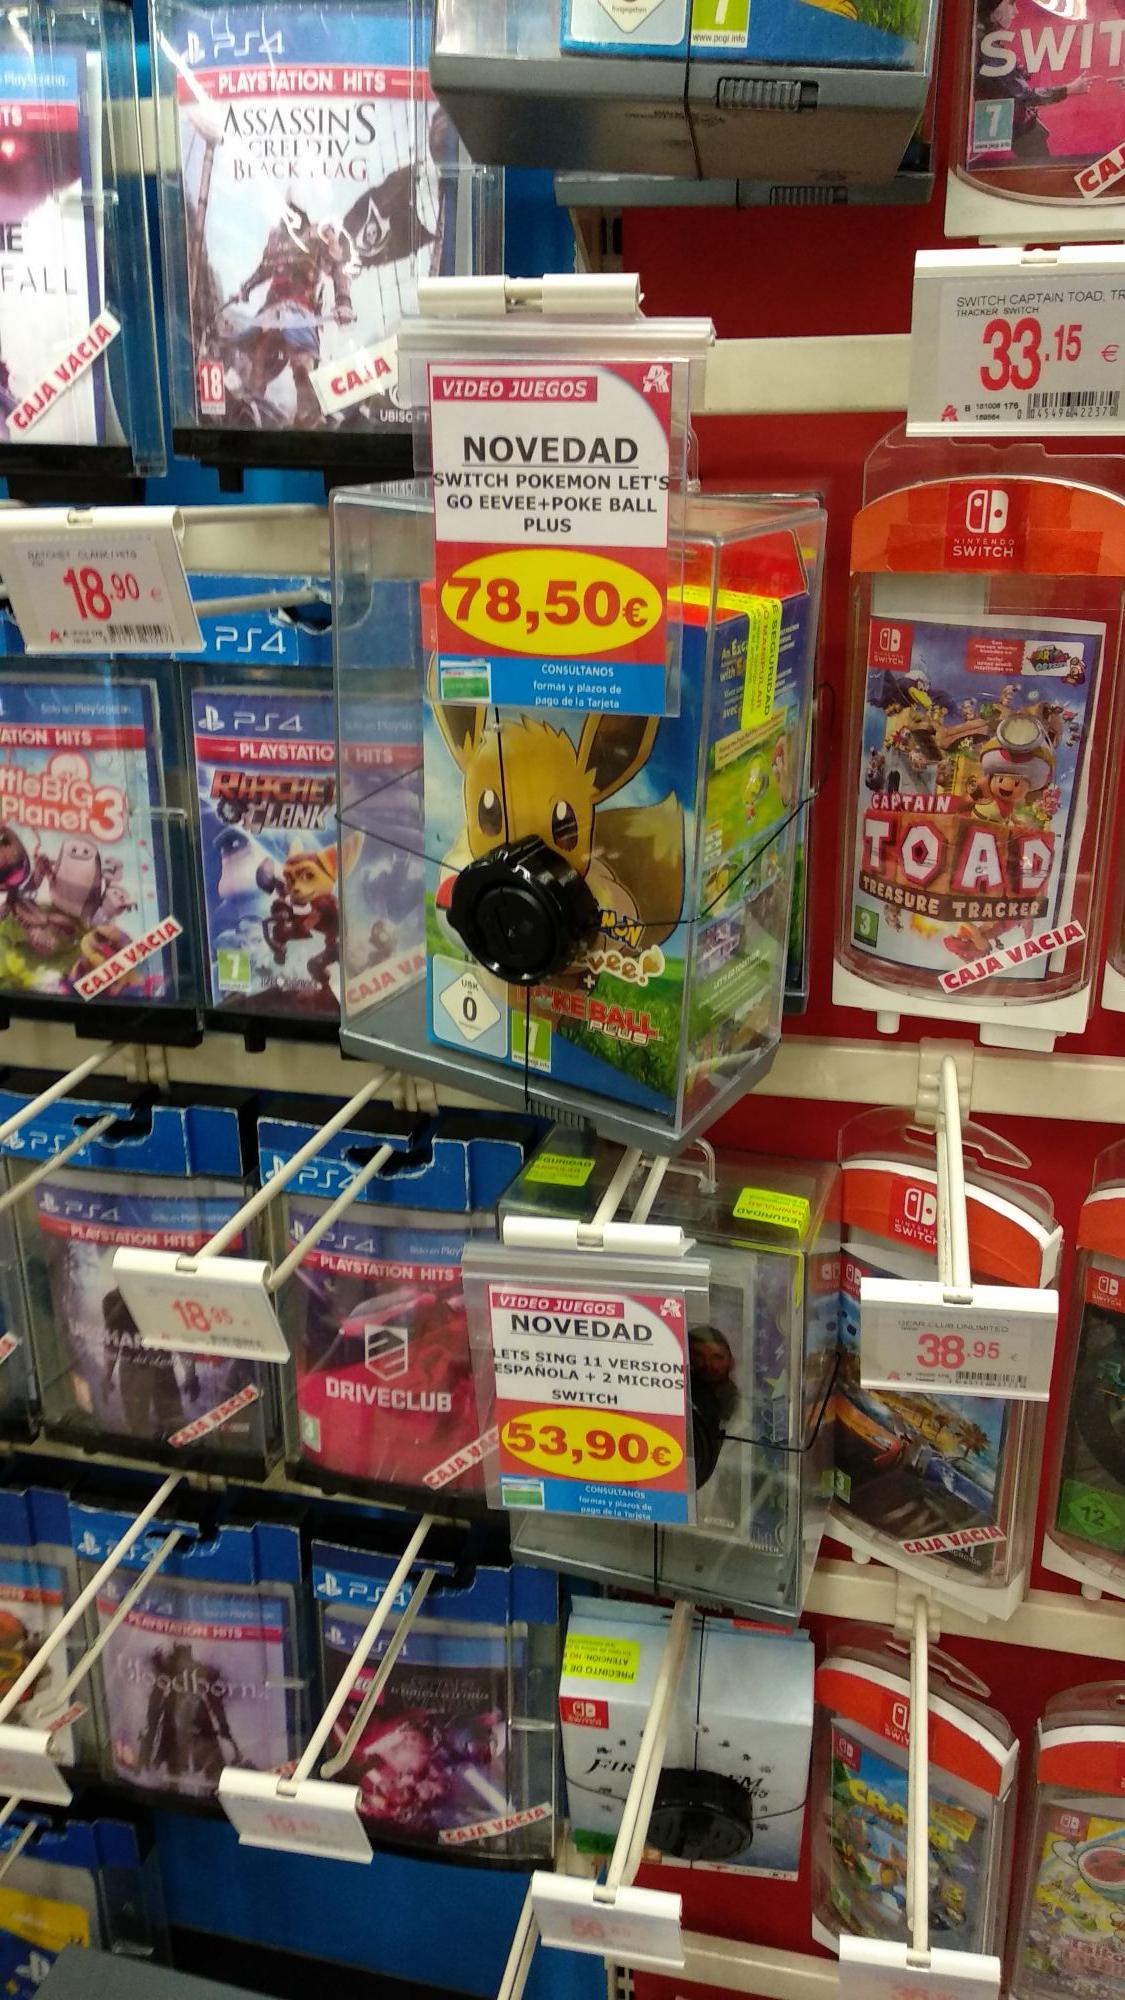 Pokemon eevee más pokeball, Nintendo switch (Alcampo de la vaguada)